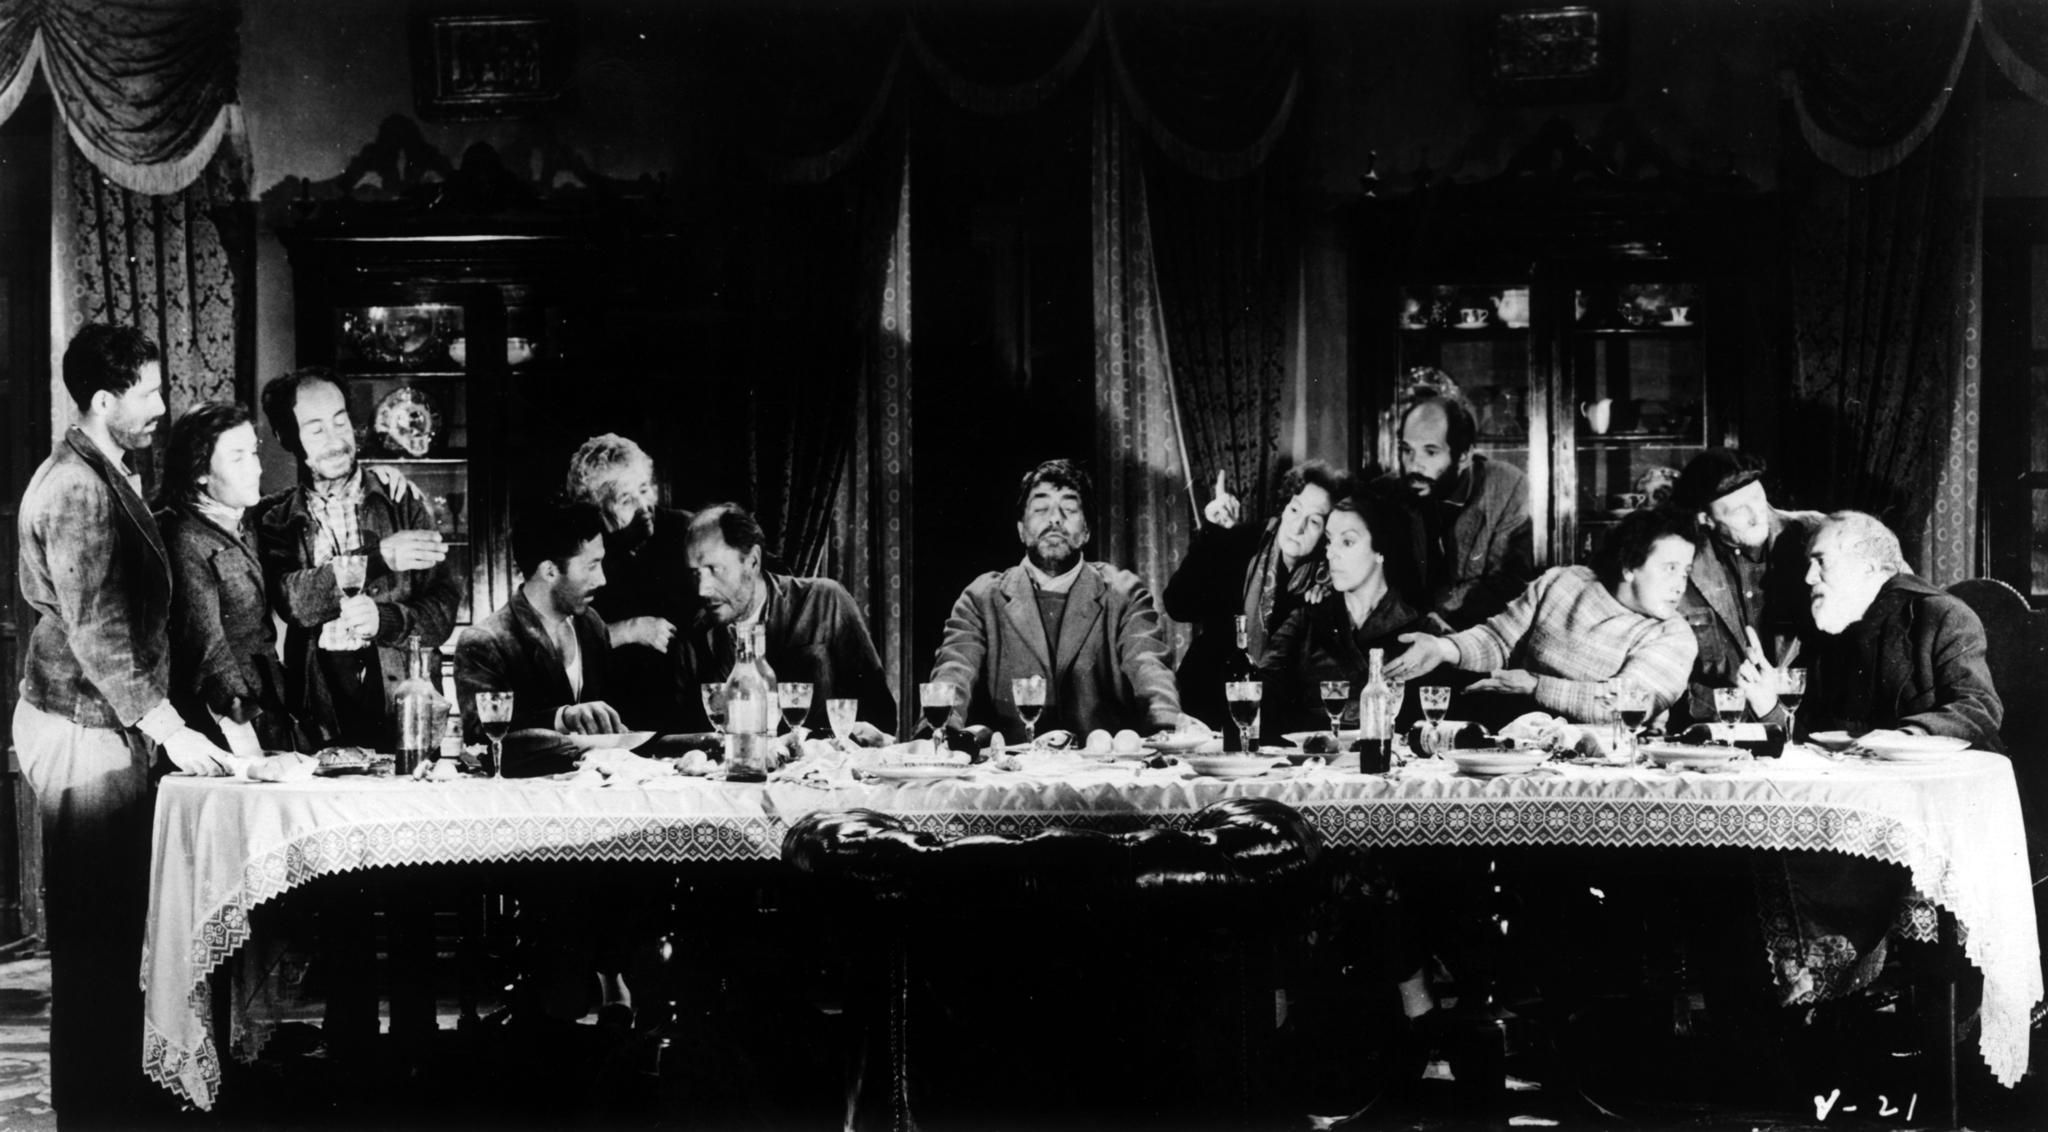 José Calvo, Juan García Tiendra, Palmira Guerra, Luis Heredia, María Isbert, José Manuel Martín, Joaquin Mayol, Joaquín Roa, and Milagros Tomás in Viridiana (1961)